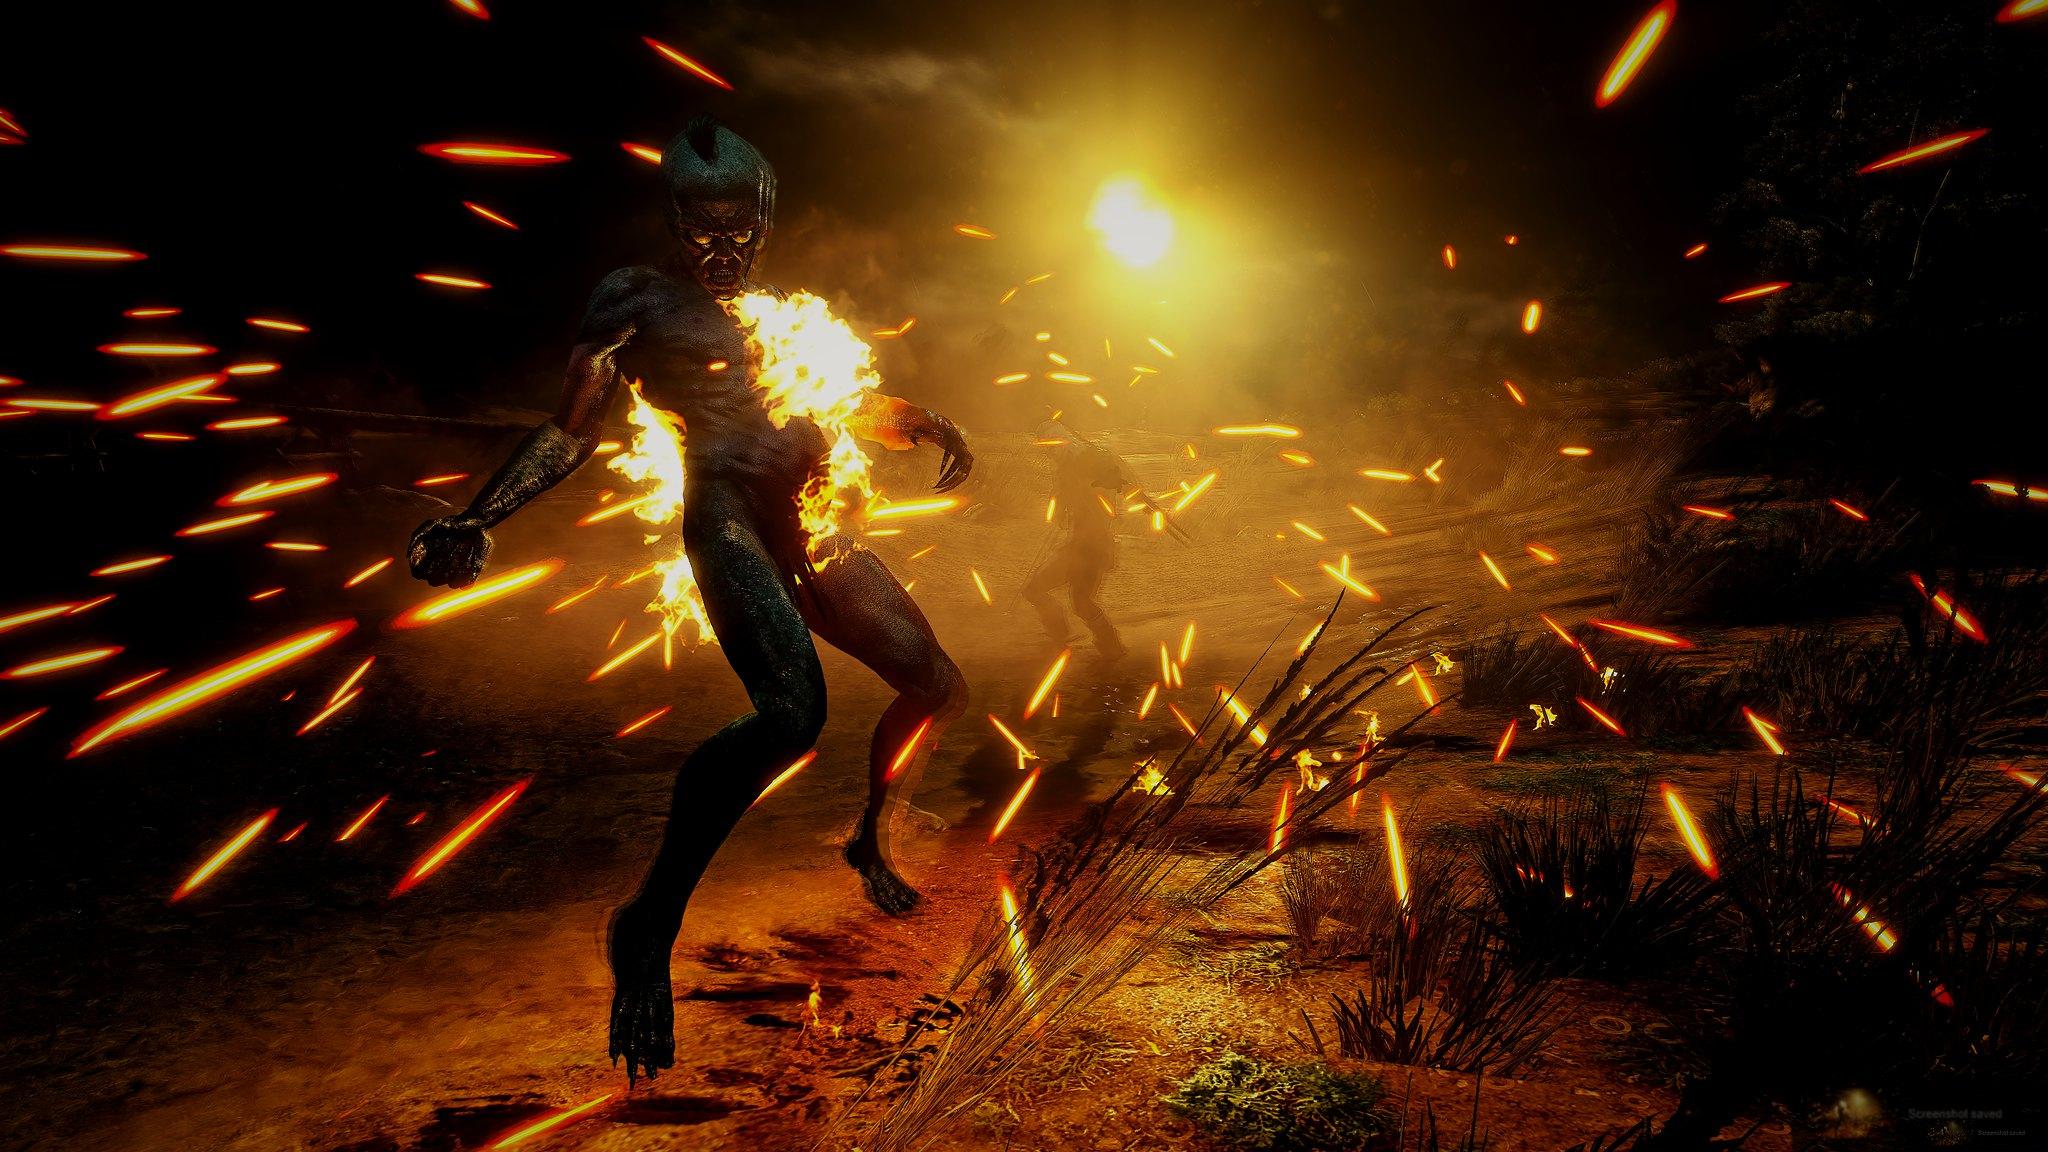 37666450772_72852d6bd3_k.jpg - The Witcher 3: Wild Hunt